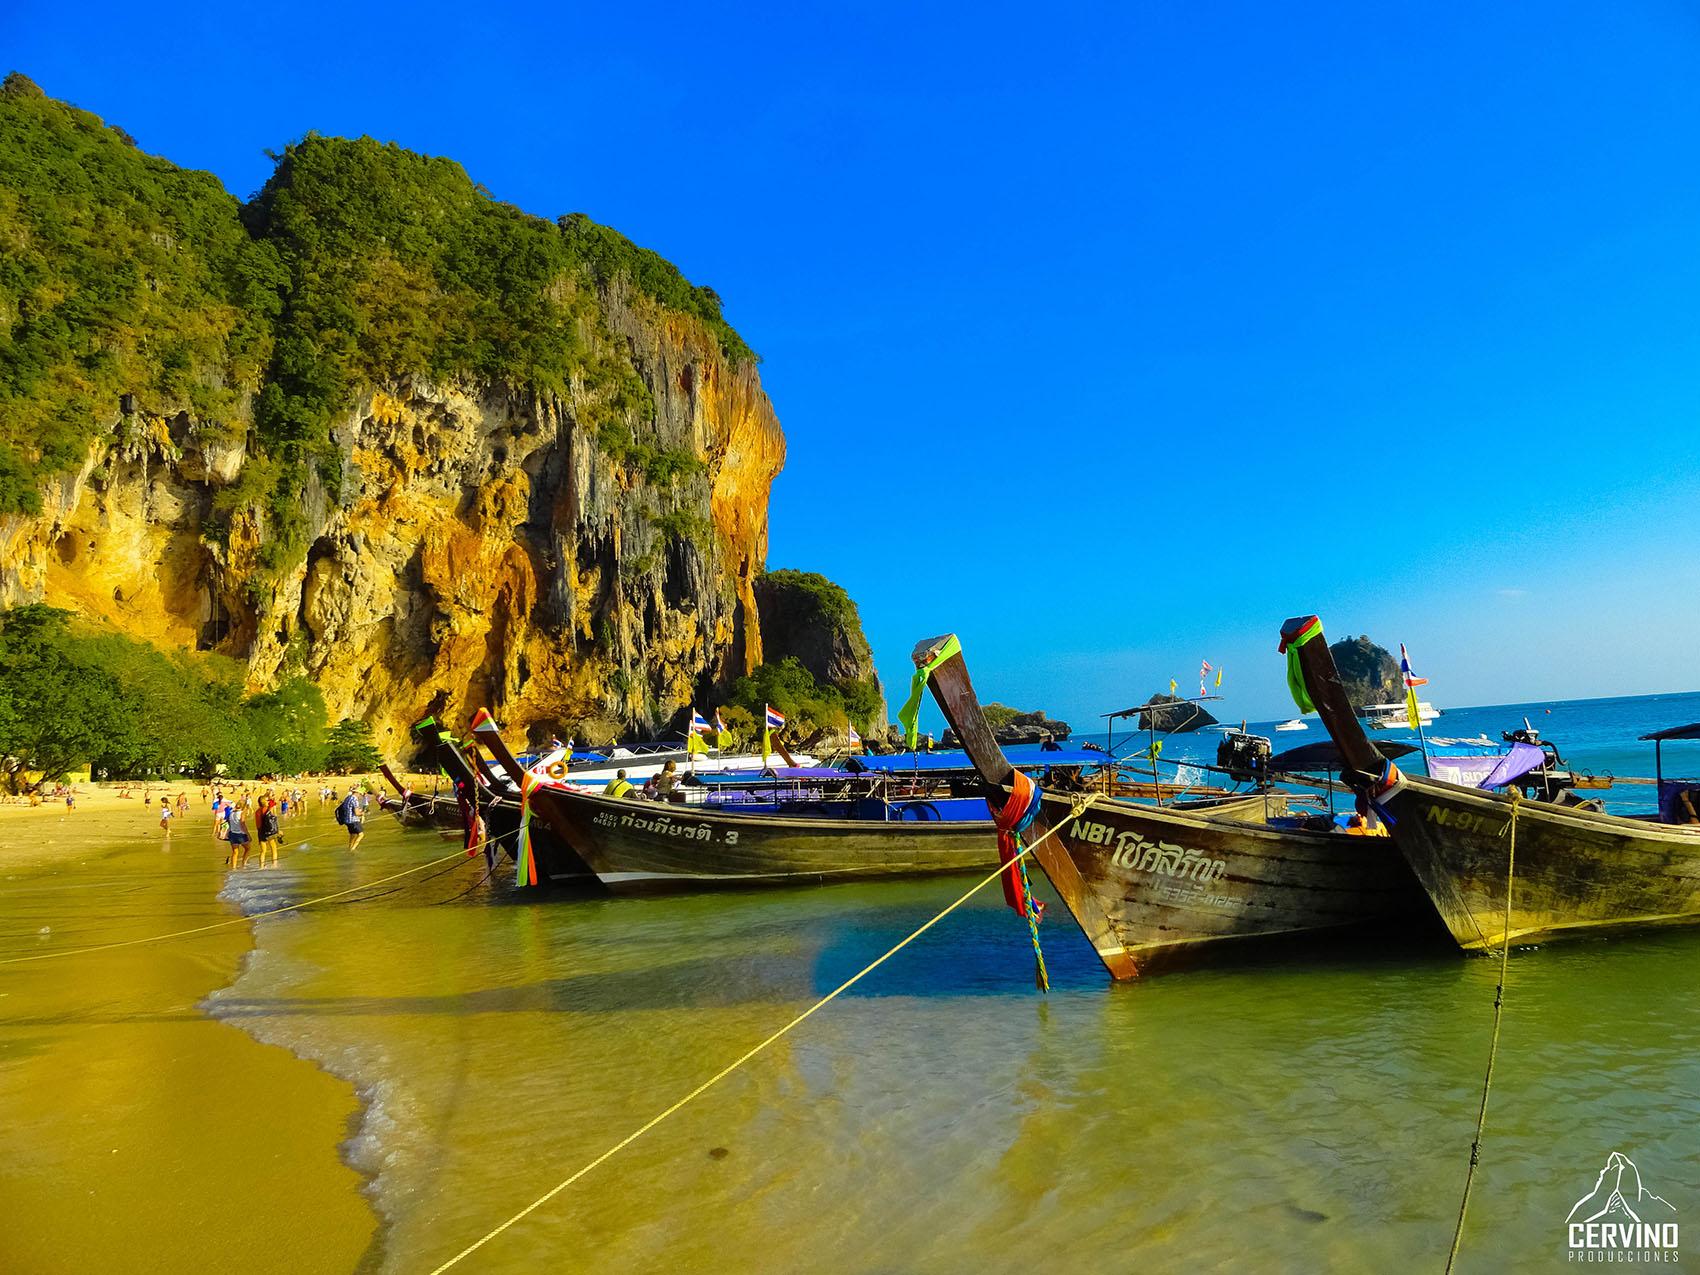 Portfolio_Cervino_2013_ Tailandia_02